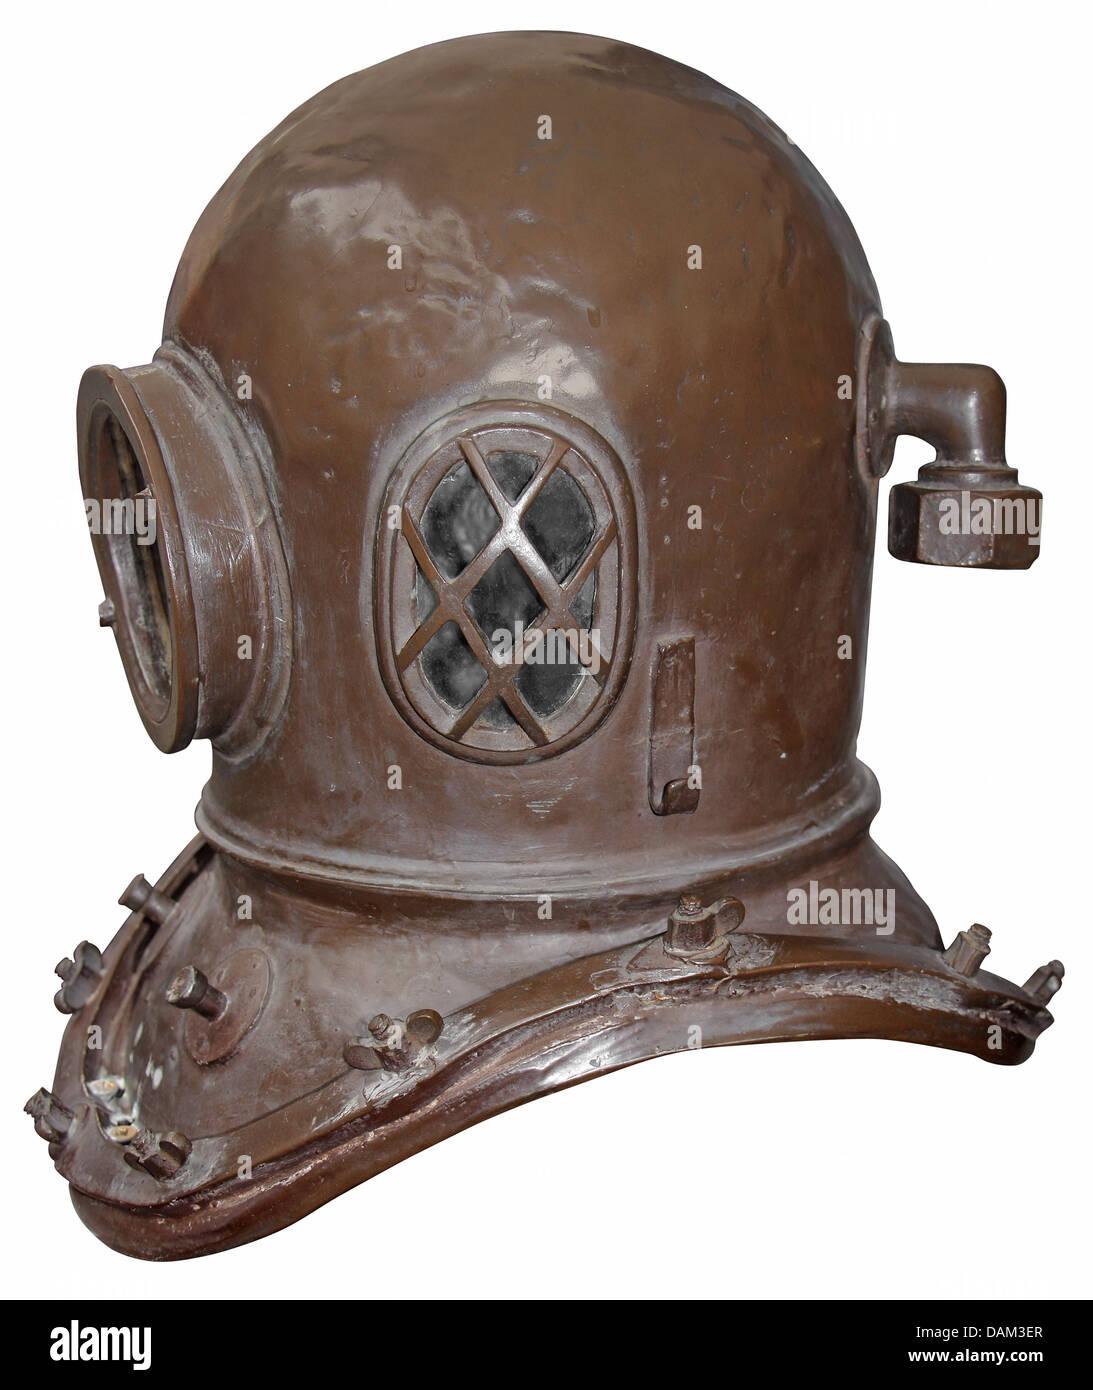 Vieux casque de plongée isolé sur fond blanc Photo Stock